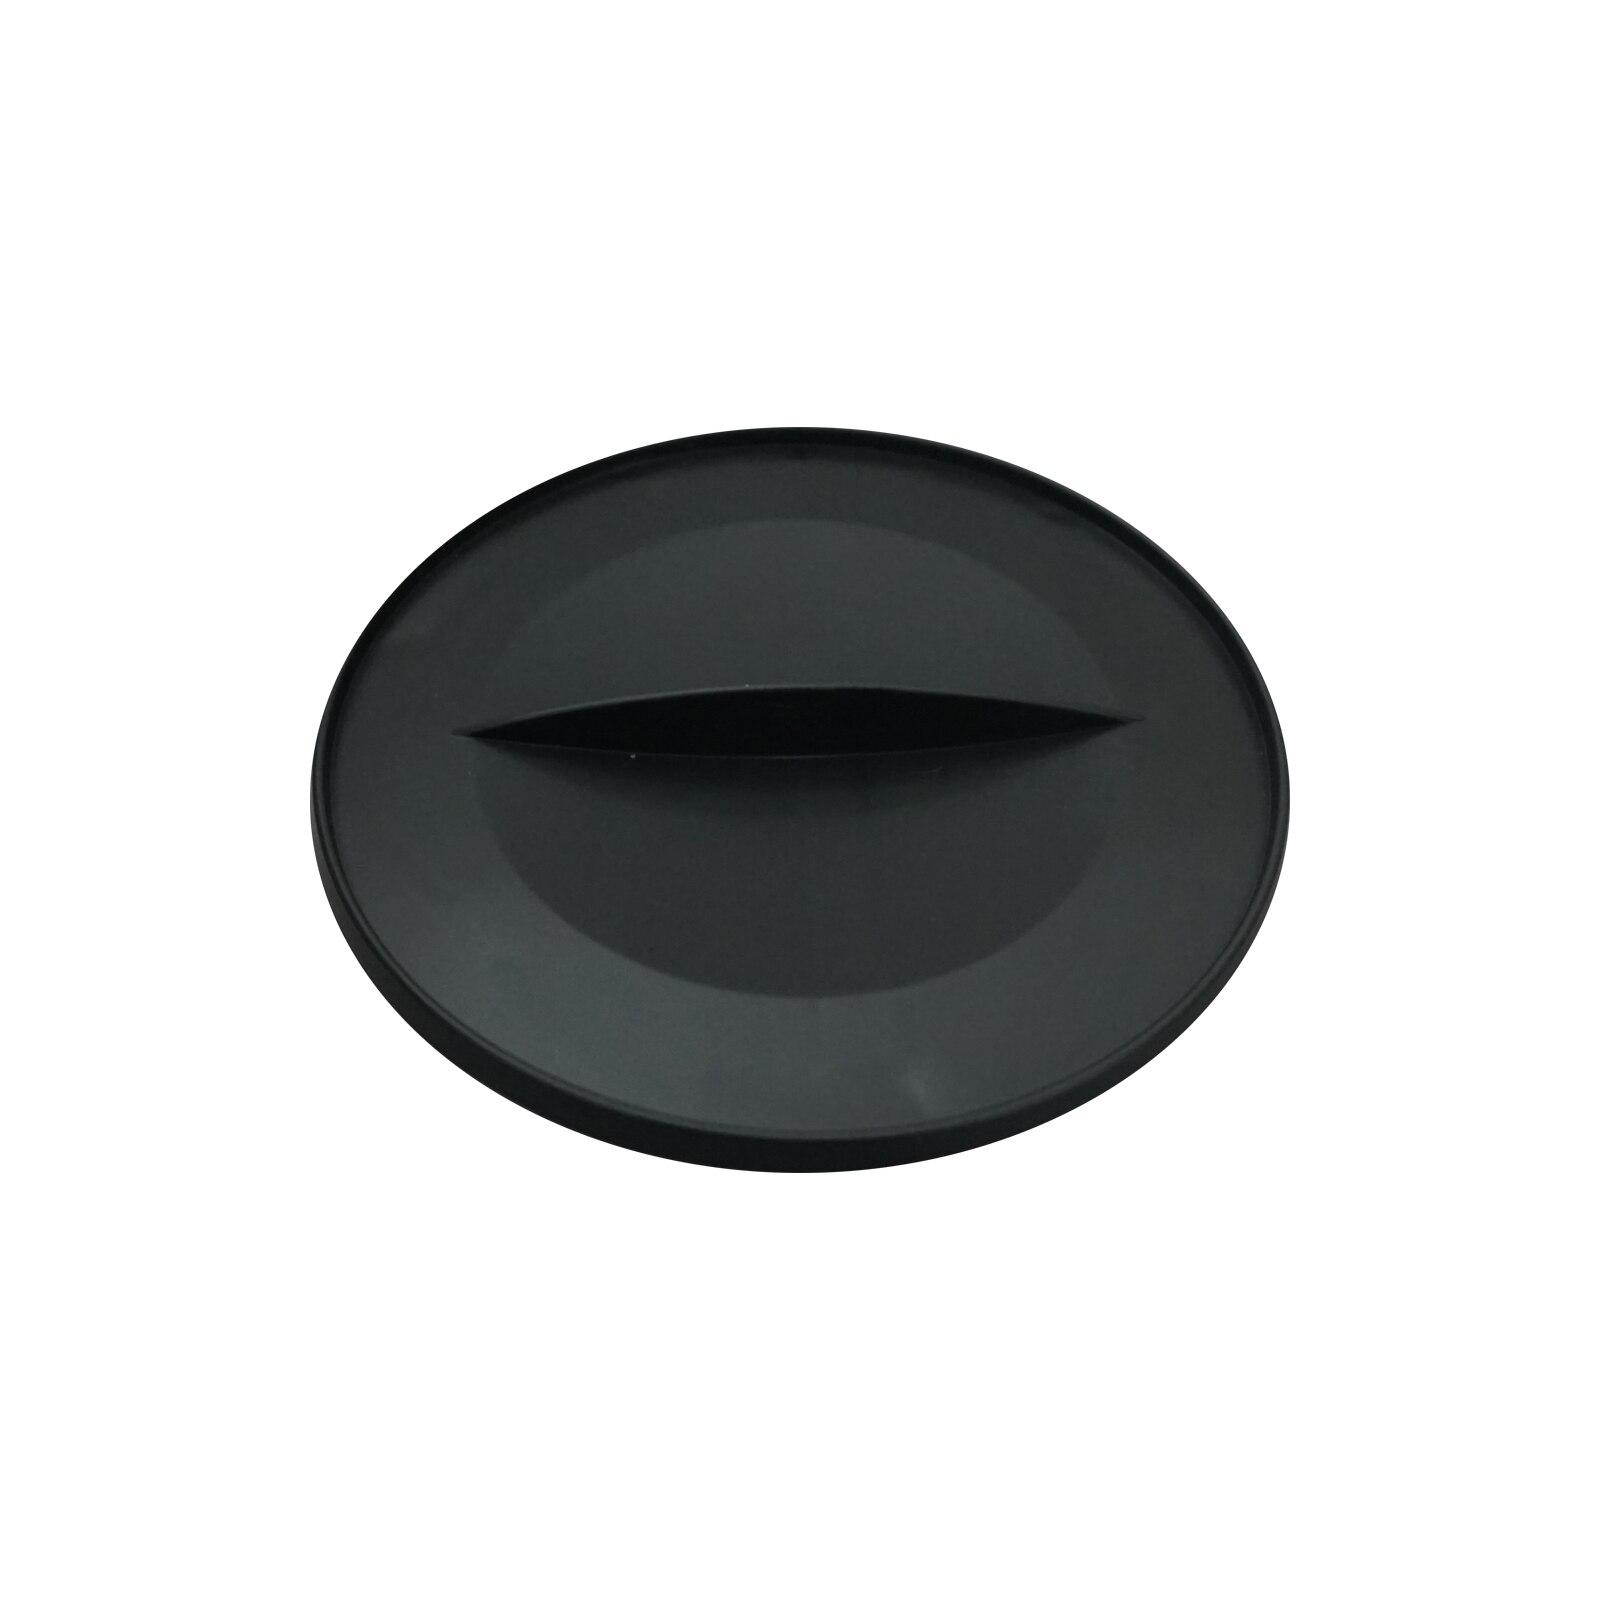 bross bsp597 2 farol respingo guarda aba arco da roda capa lado esquerdo 7701055351 para megane